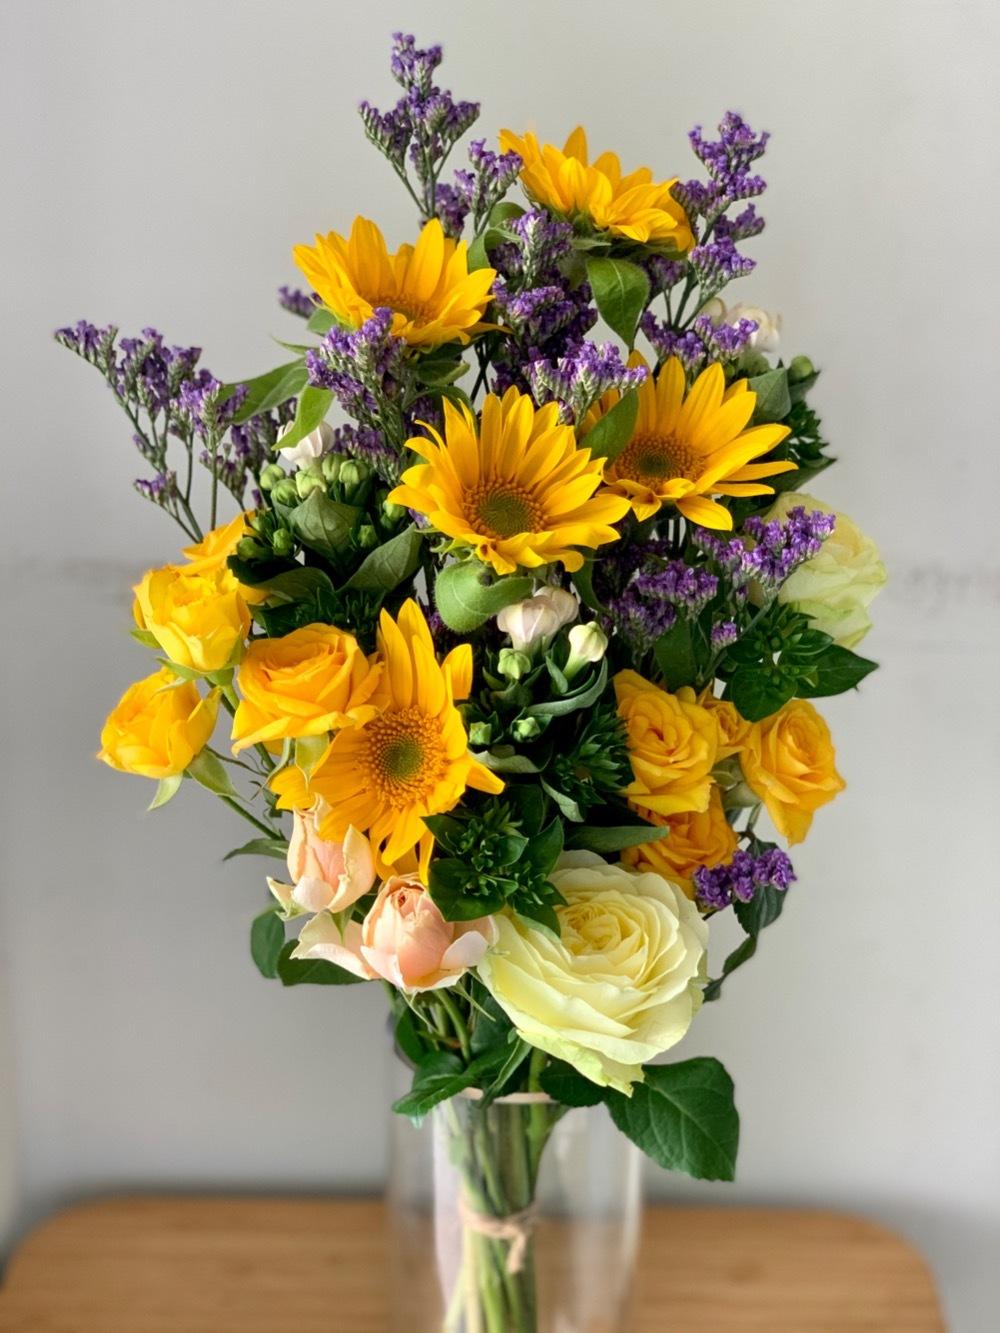 紺色の陶器に合わせて 上品な母の日の祝い花